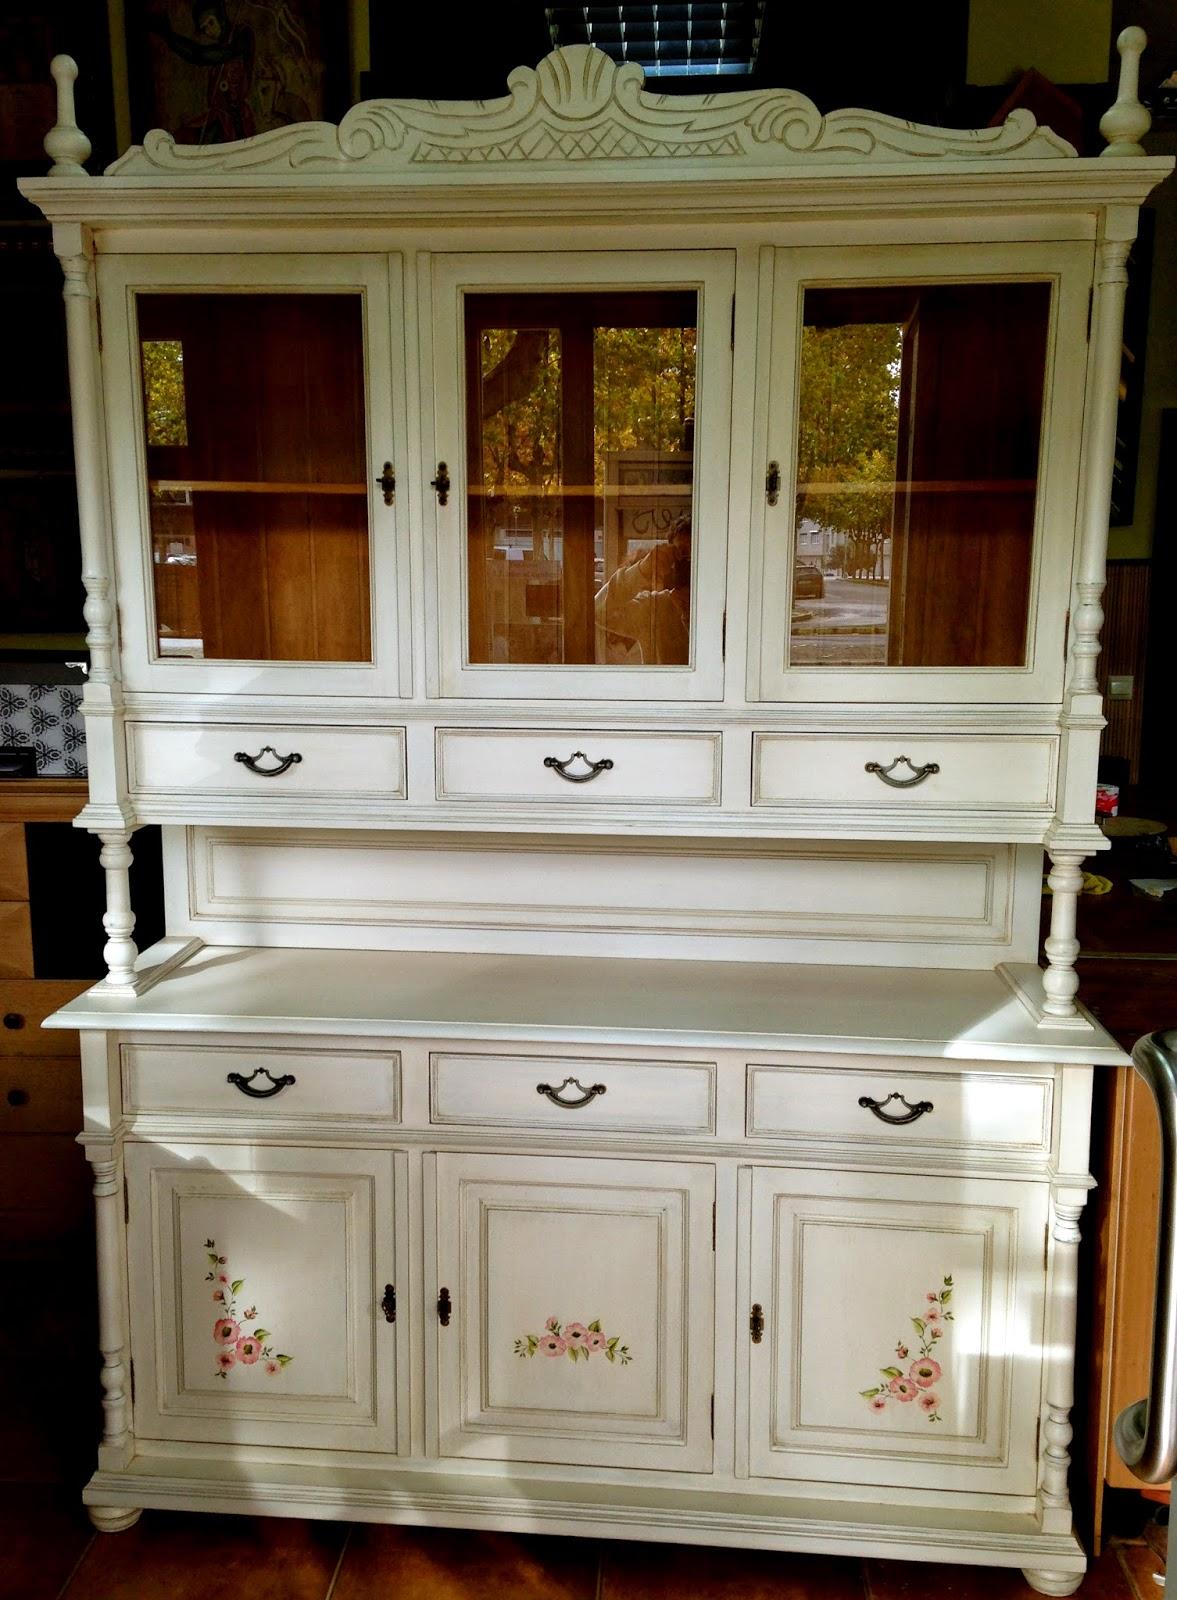 Pintar muebles de cocina blanco roto ideas - Como pintar un mueble en blanco ...